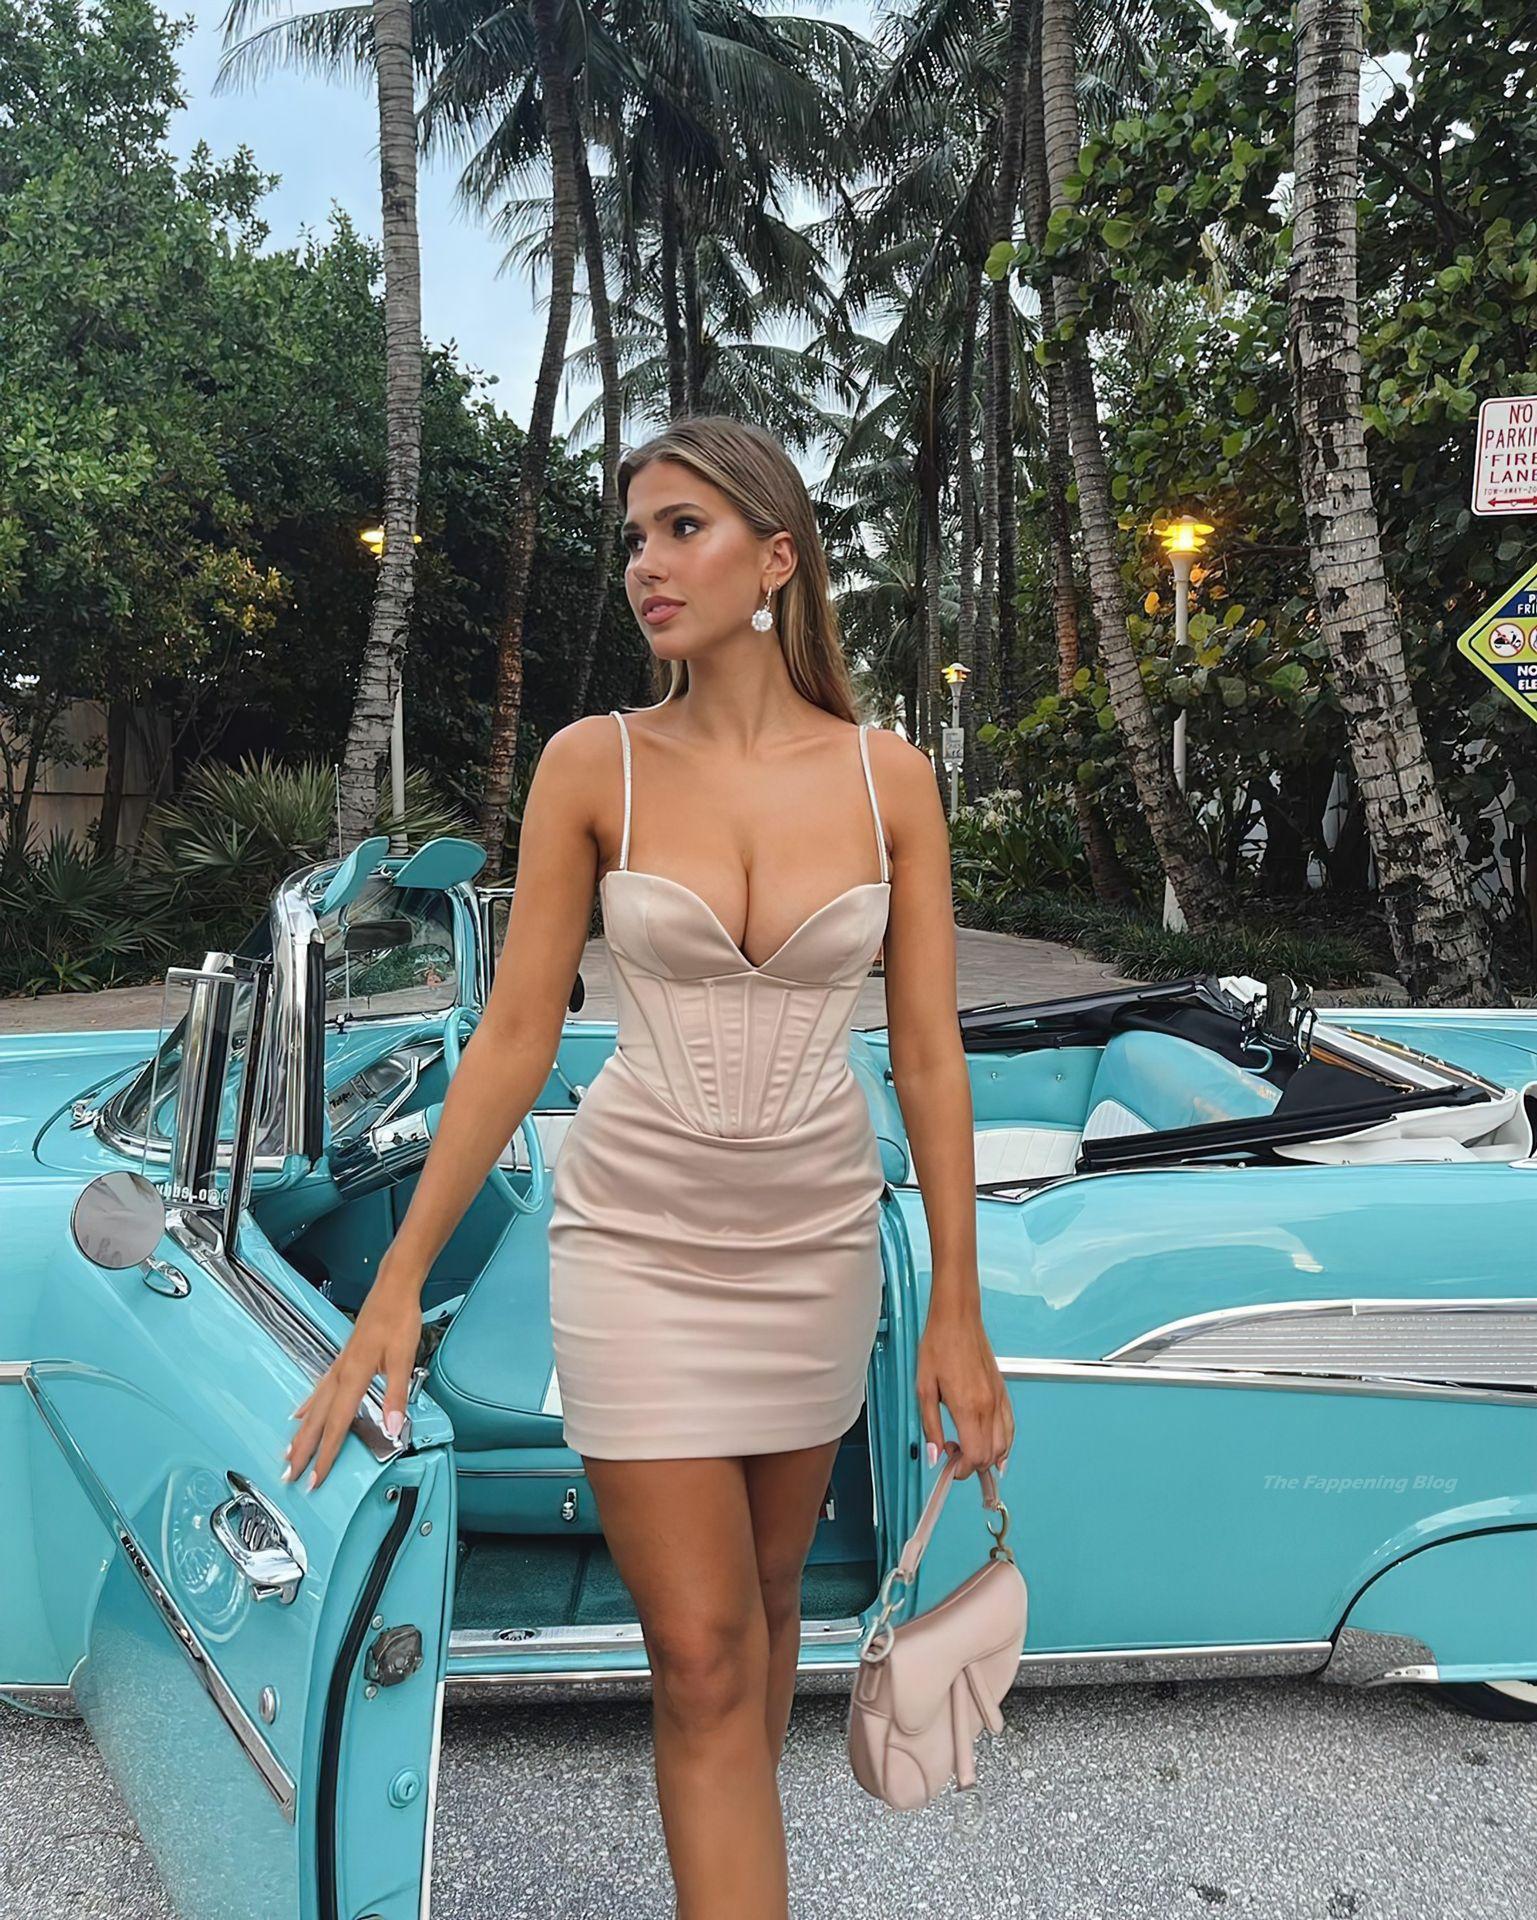 Kara-Del-Toro-Gorgeous-Boobs-5thefappeningblog.com_.jpg